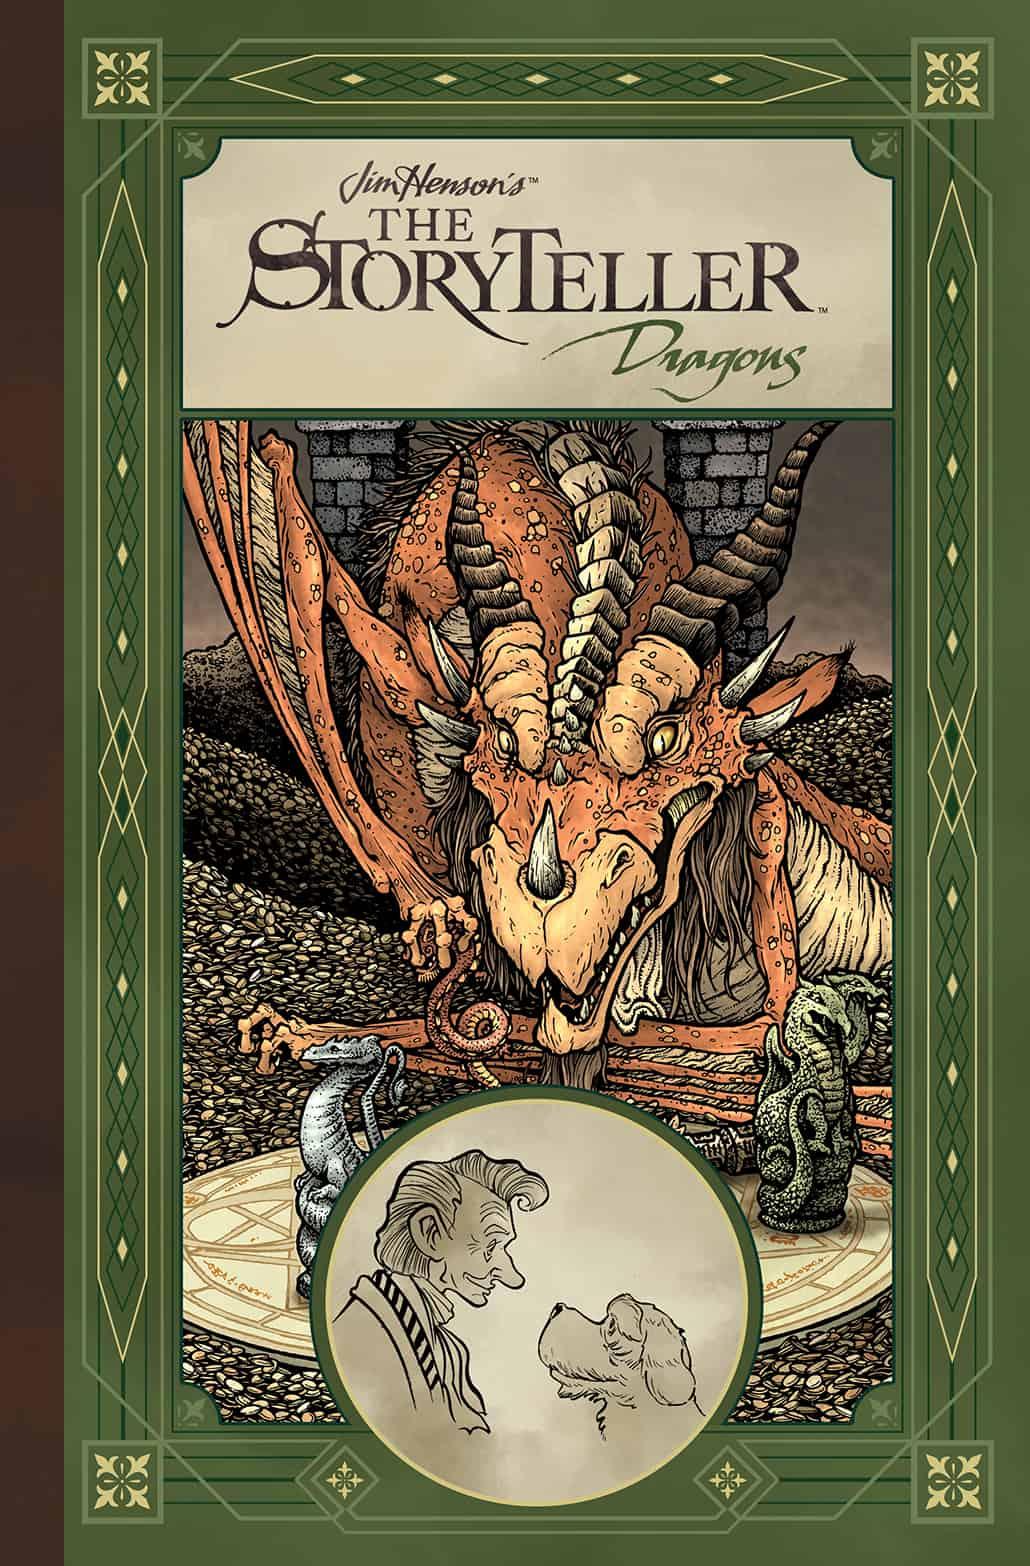 Jim Henson's The Storyteller: Dragons